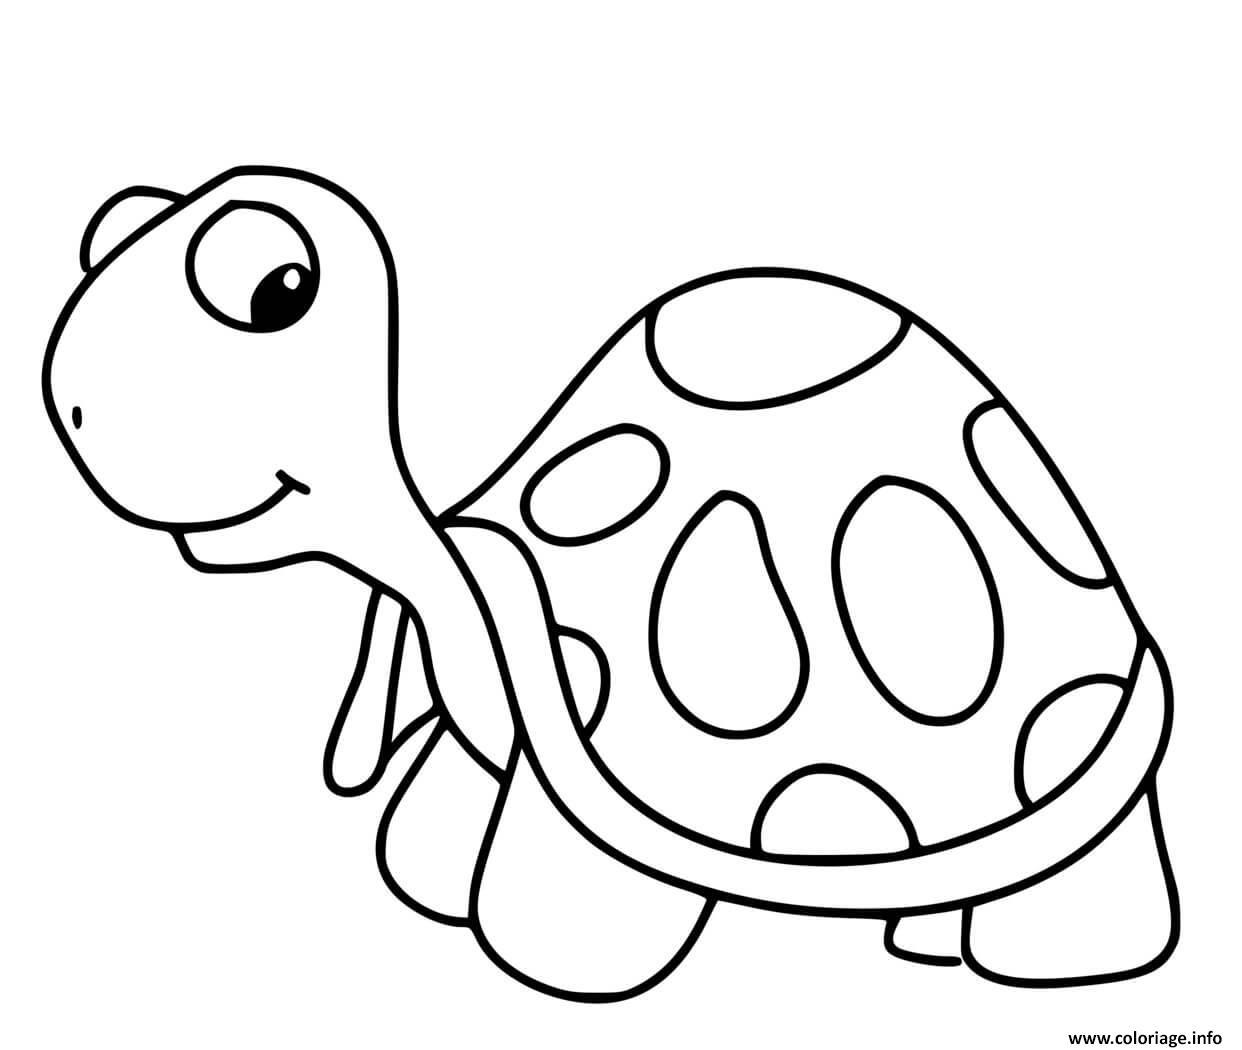 Dessin jolie tortue dait de beau yeux Coloriage Gratuit à Imprimer